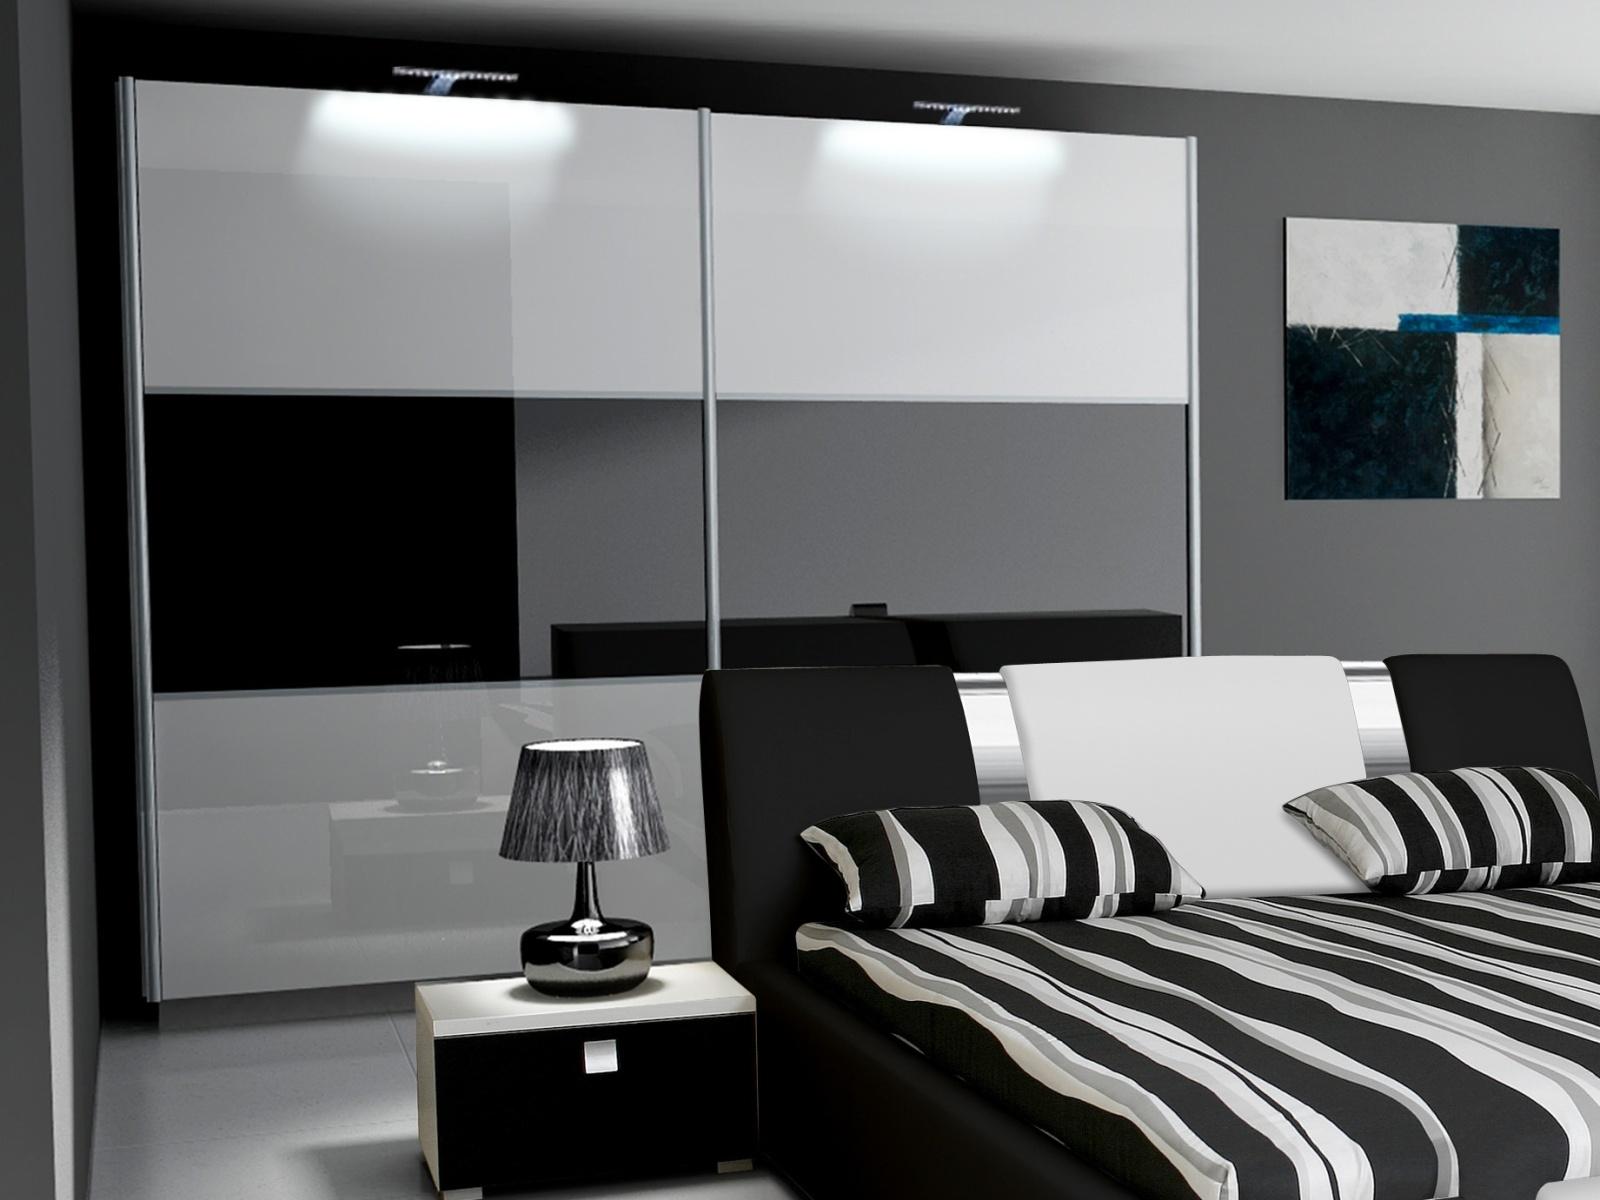 Smartshop Šatní skříň RIVA II 240, bílá/bílý + černý lesk